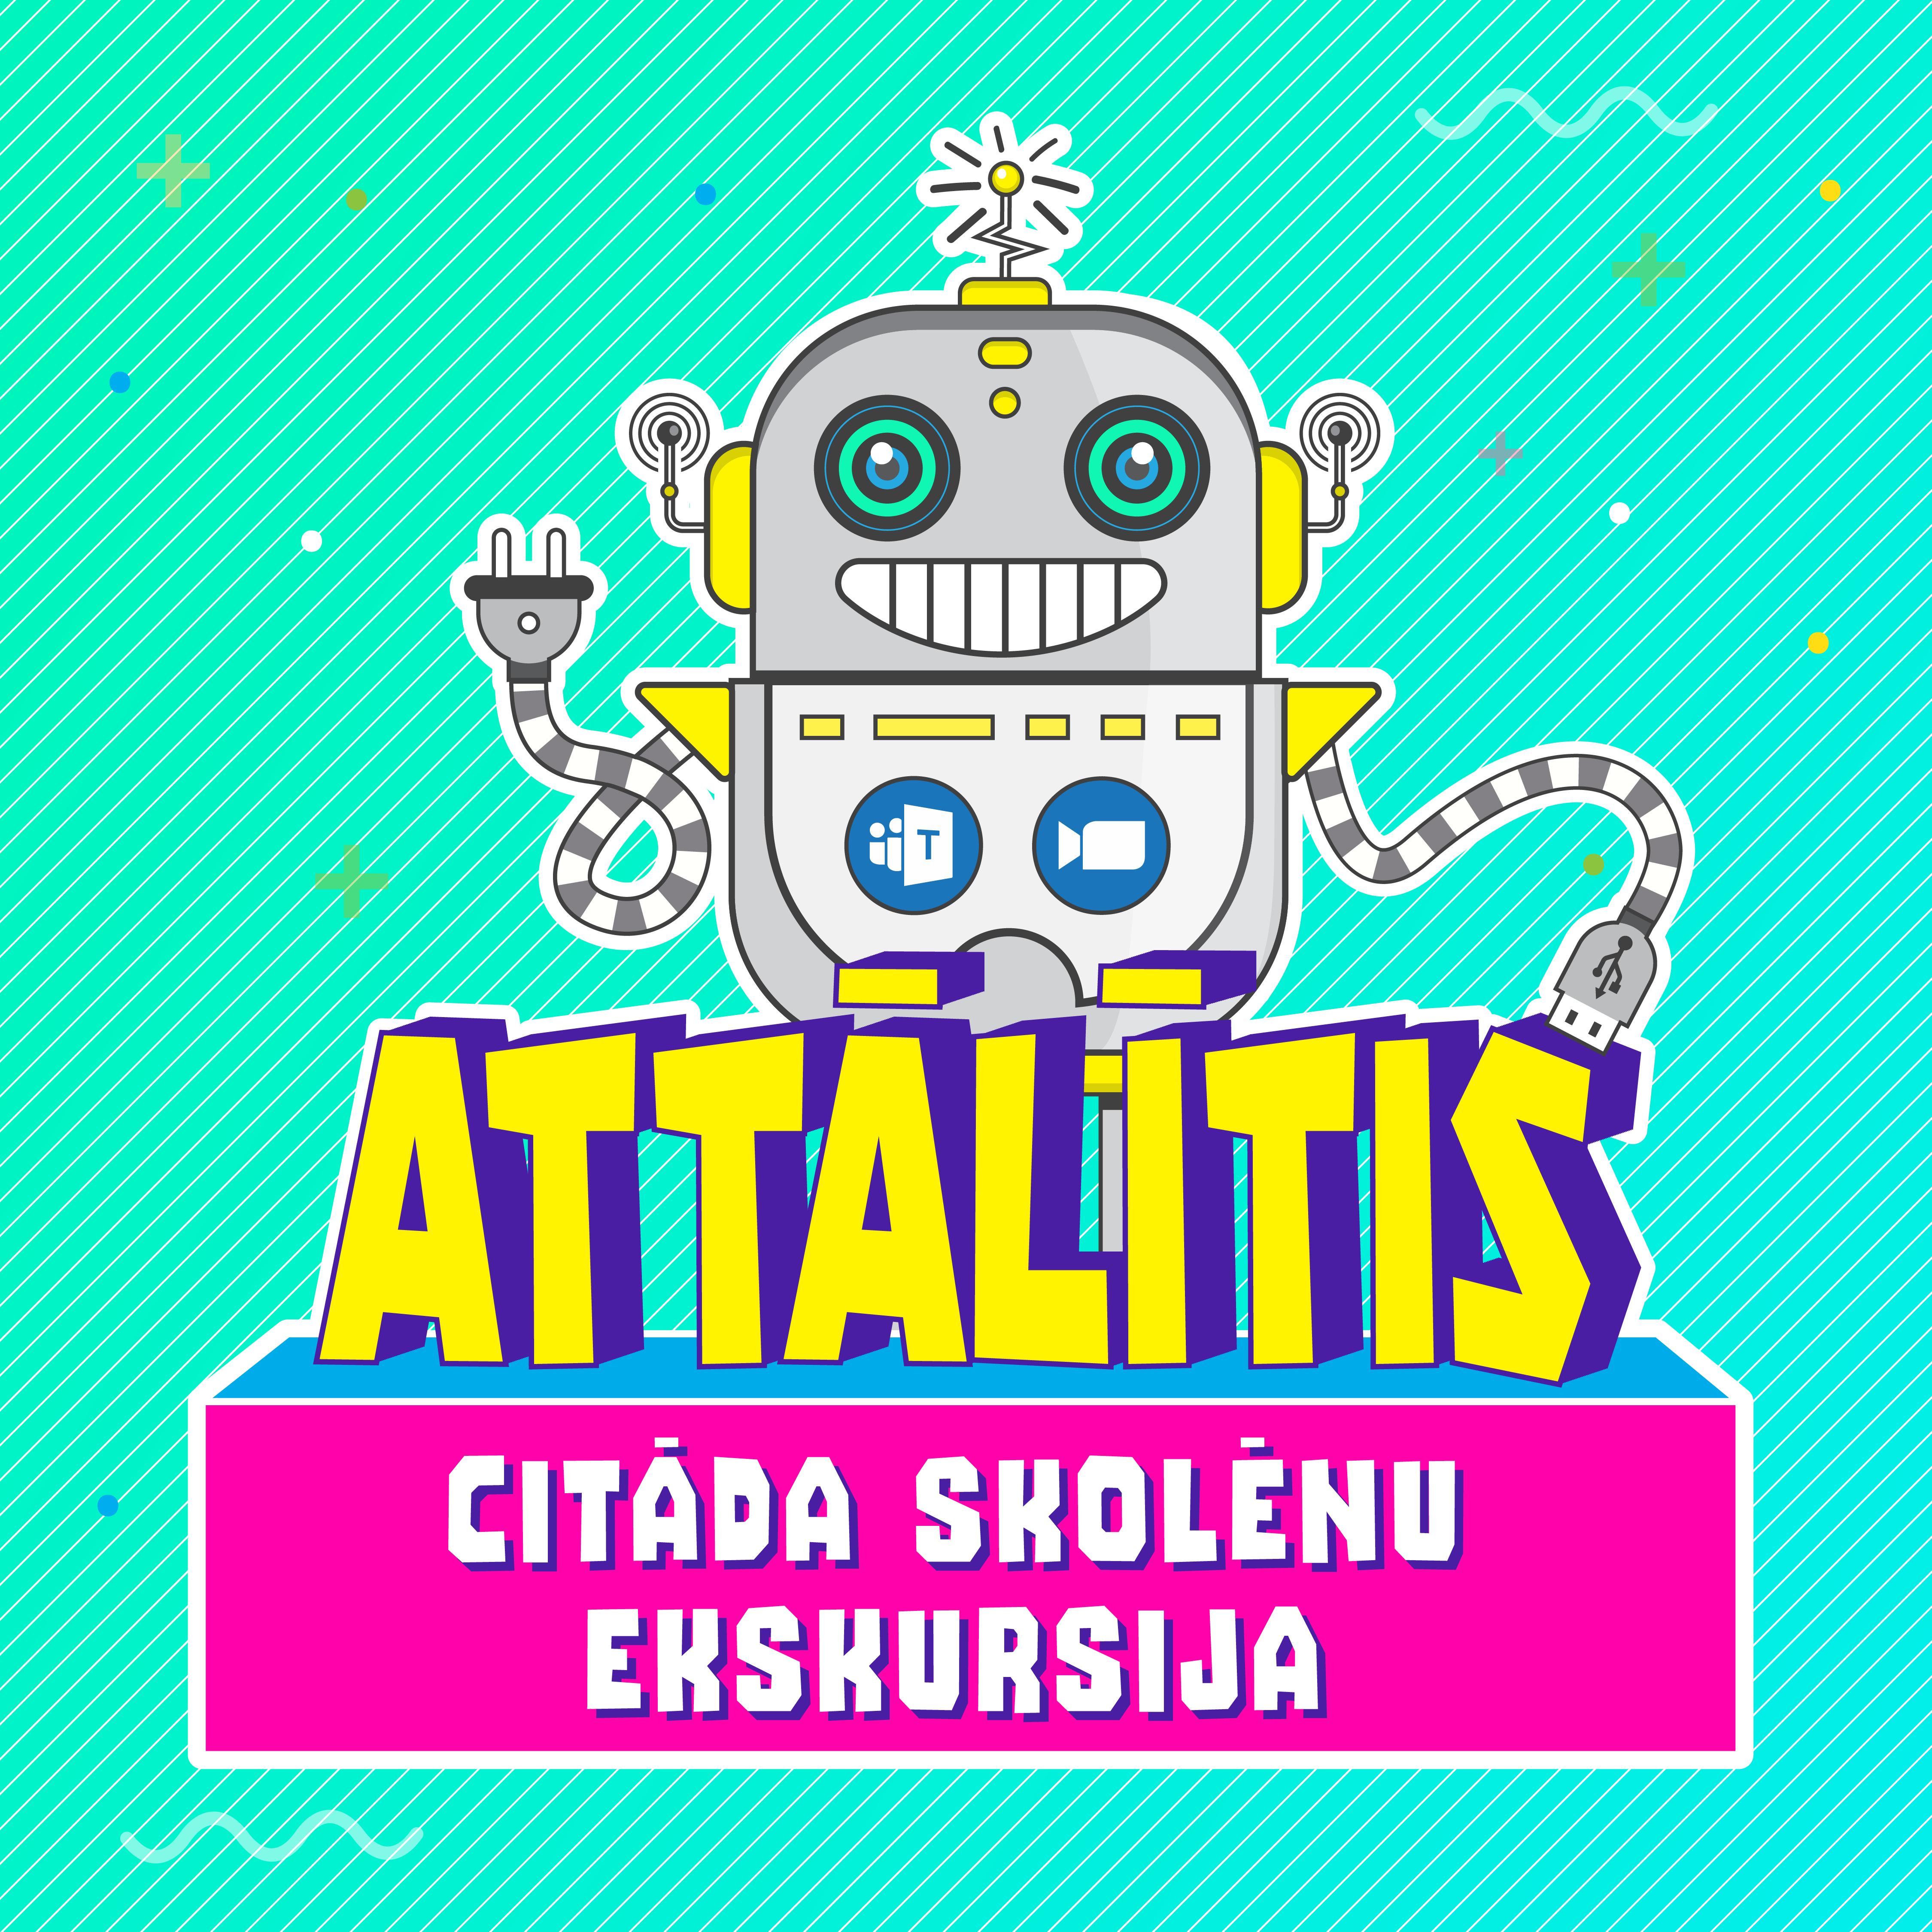 """Ventspils Digitālais centrs aicina klases piedalīties citādā skolēnu ekskursijā """"Attālītis"""""""